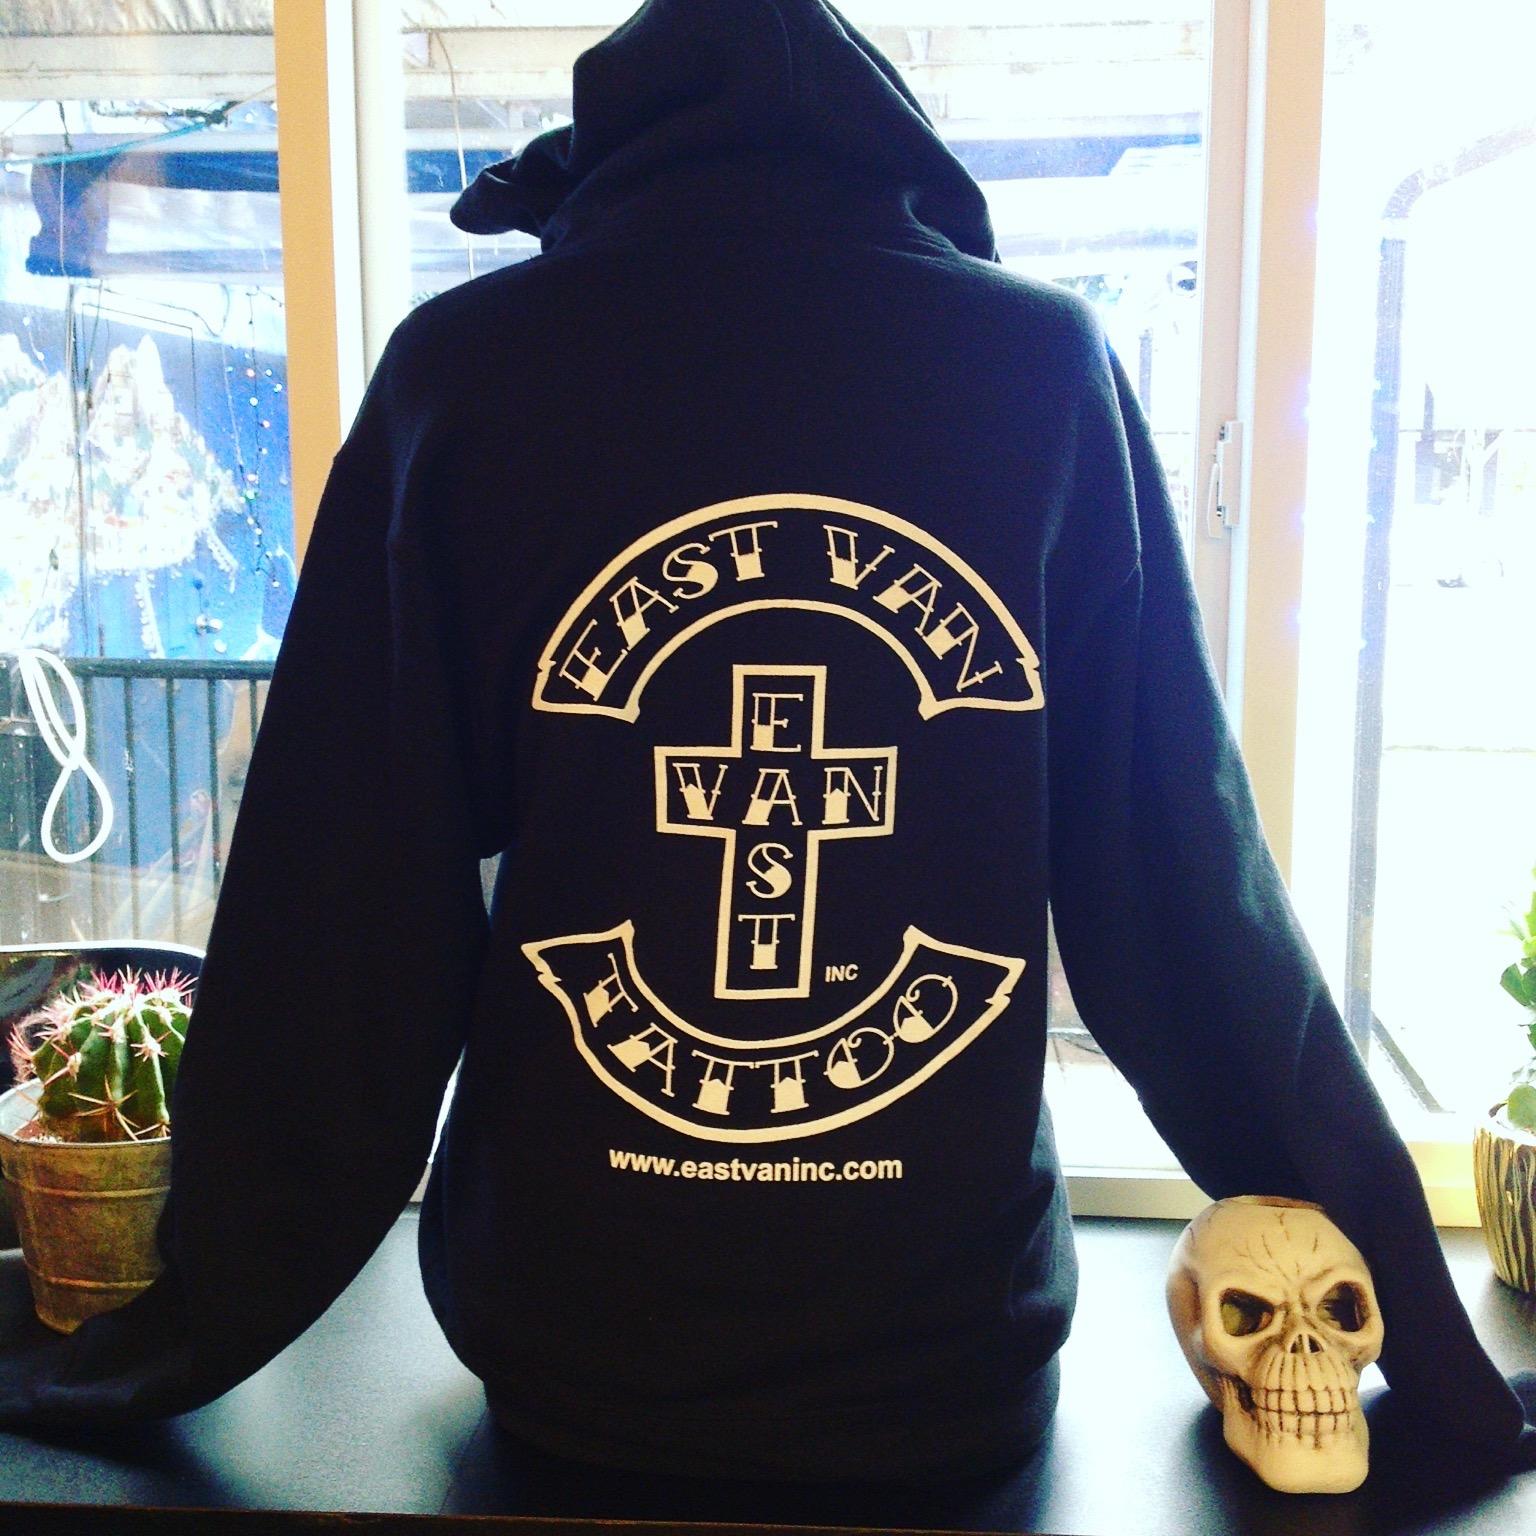 east_van_cross_tattoo-hoodie